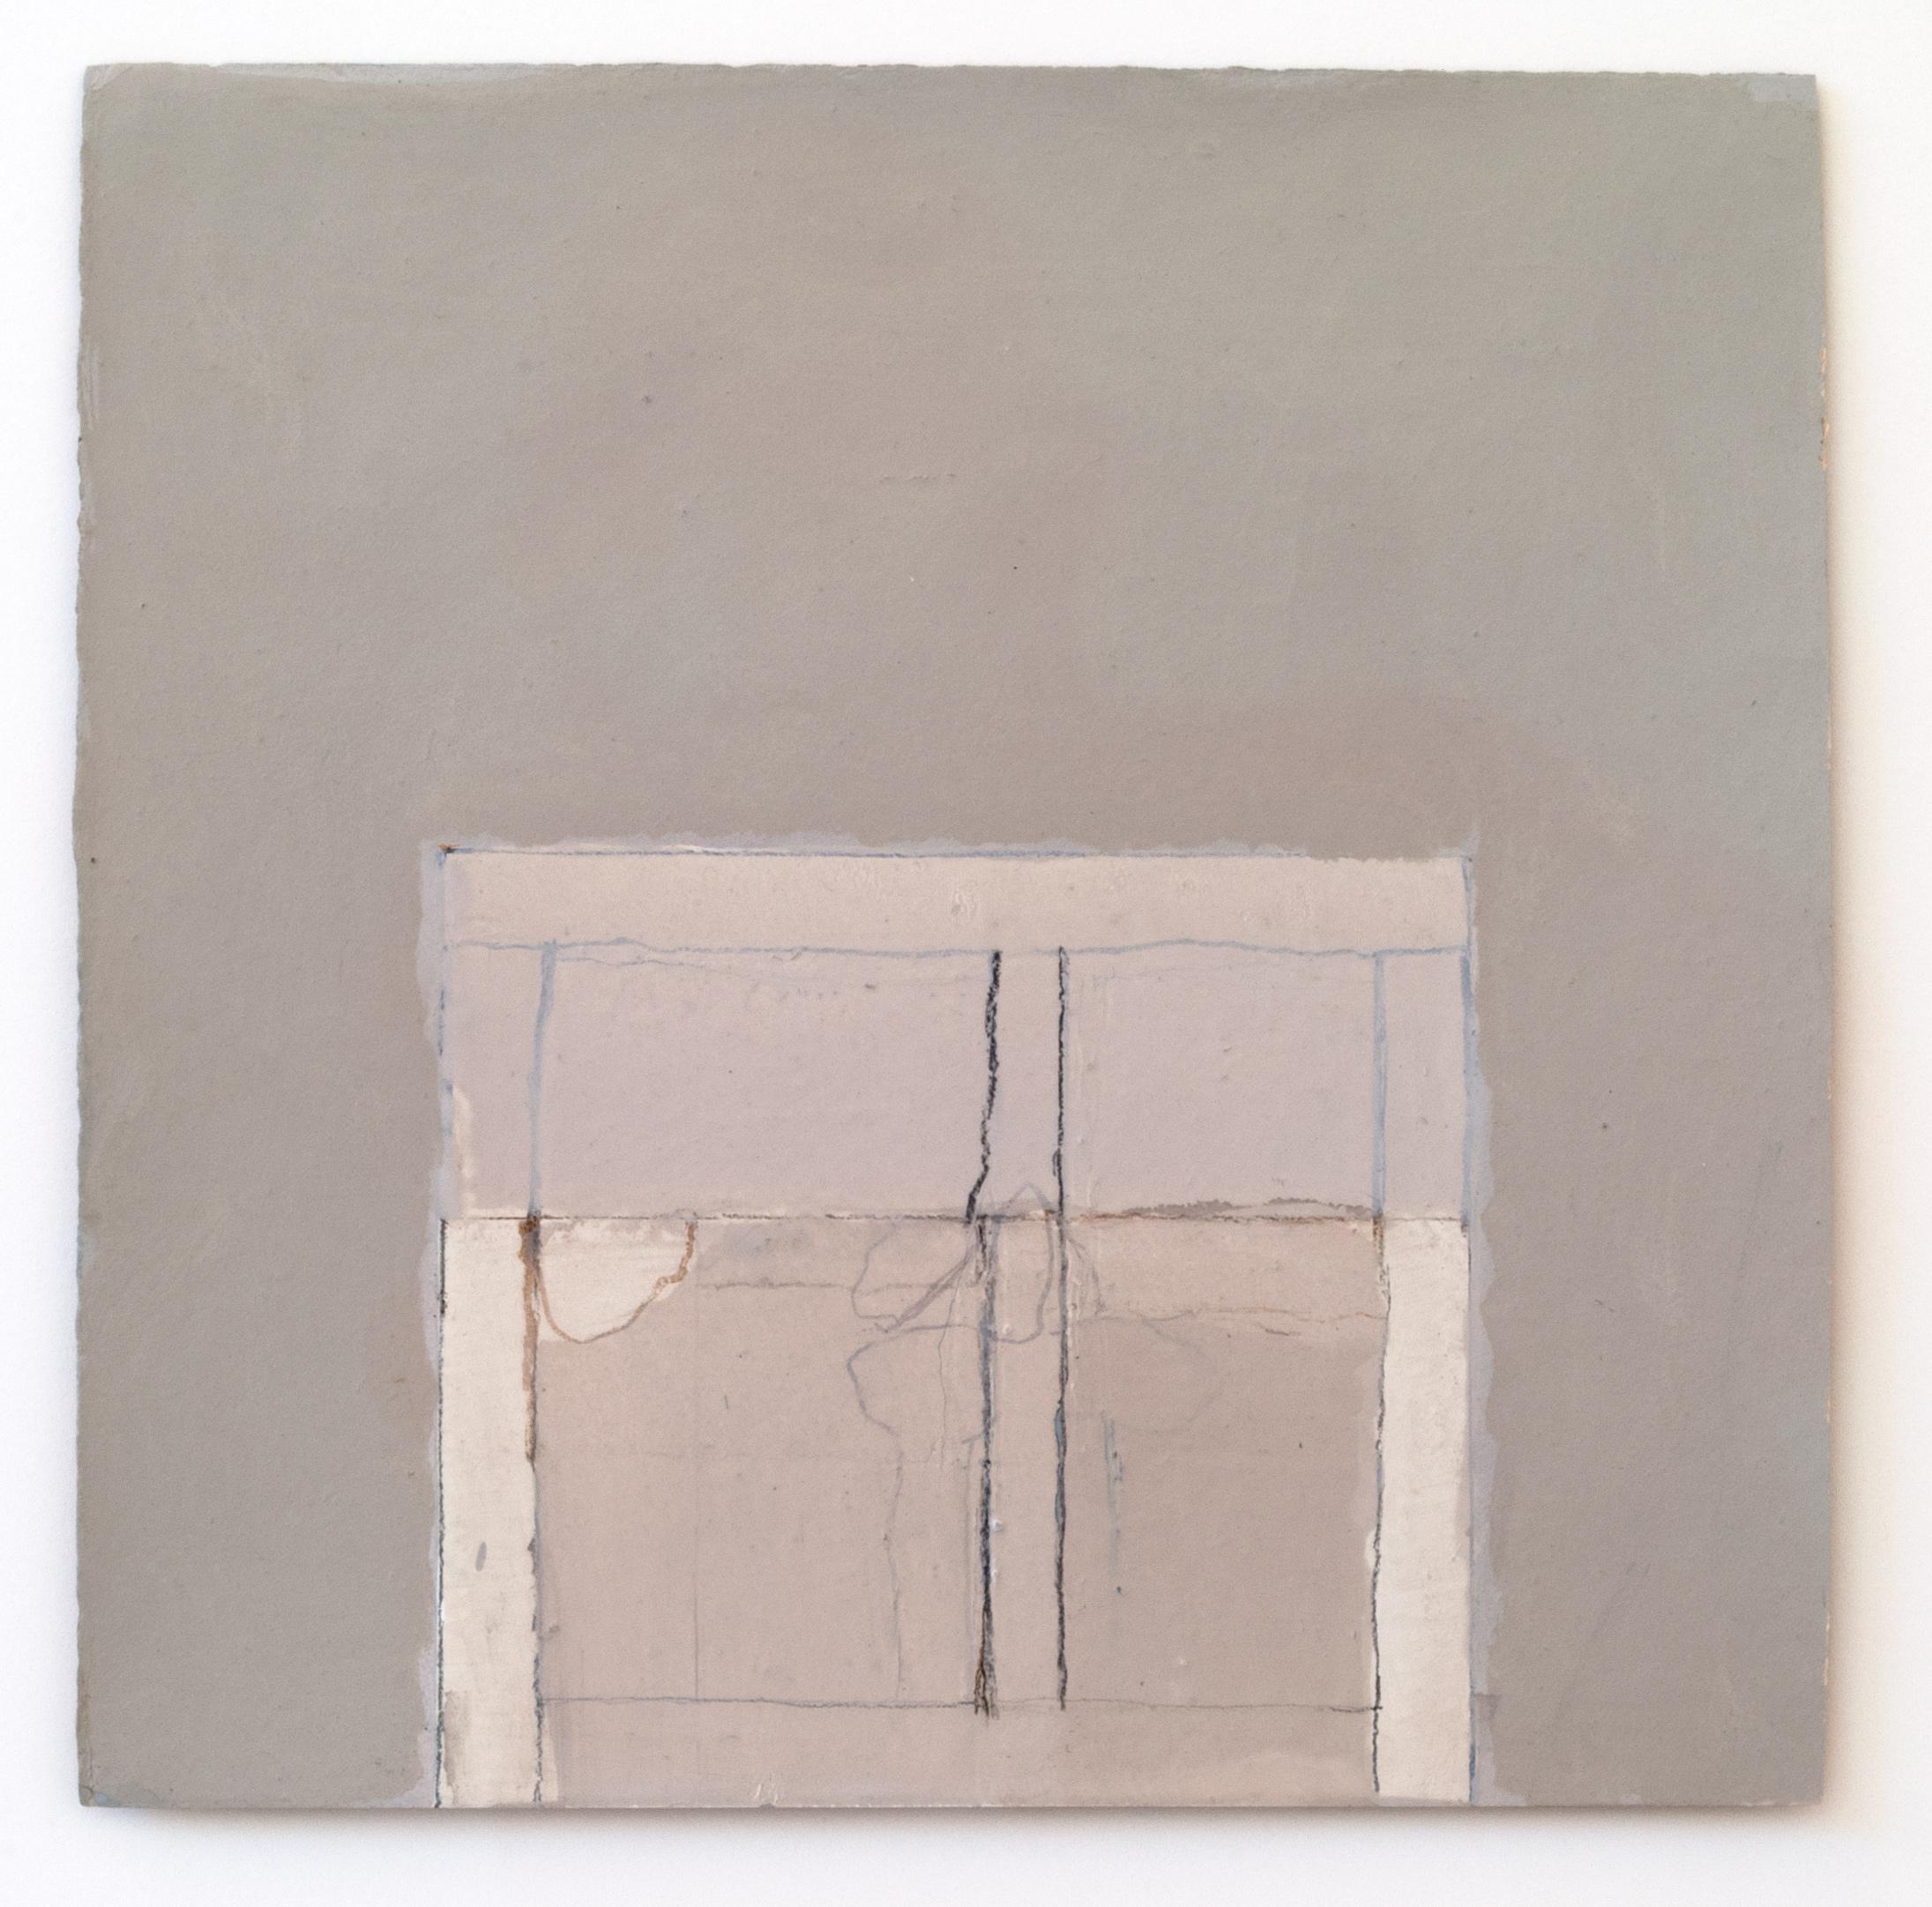 James Bishop – Untitled, n.d.